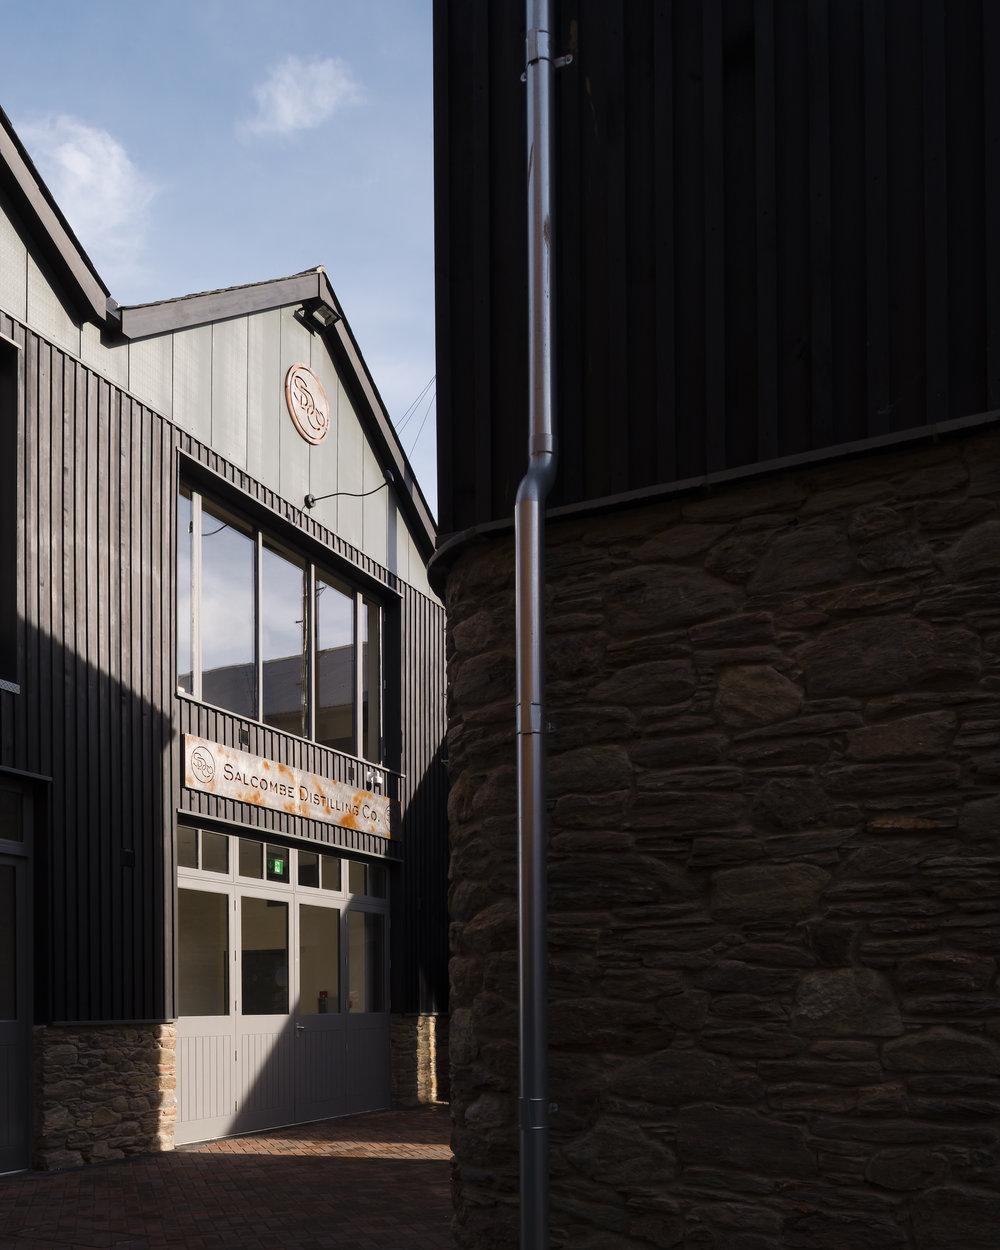 Salcombe Distillery building entrance